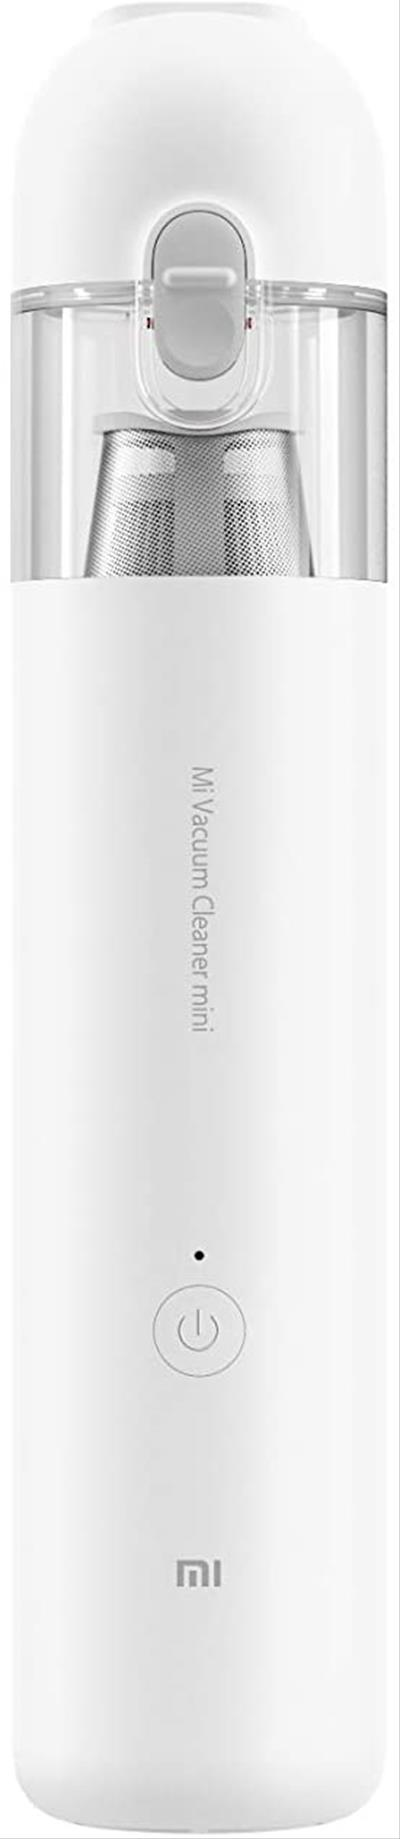 Aspirador Xiaomi mi Vacuum Cleaner Mini Blanca